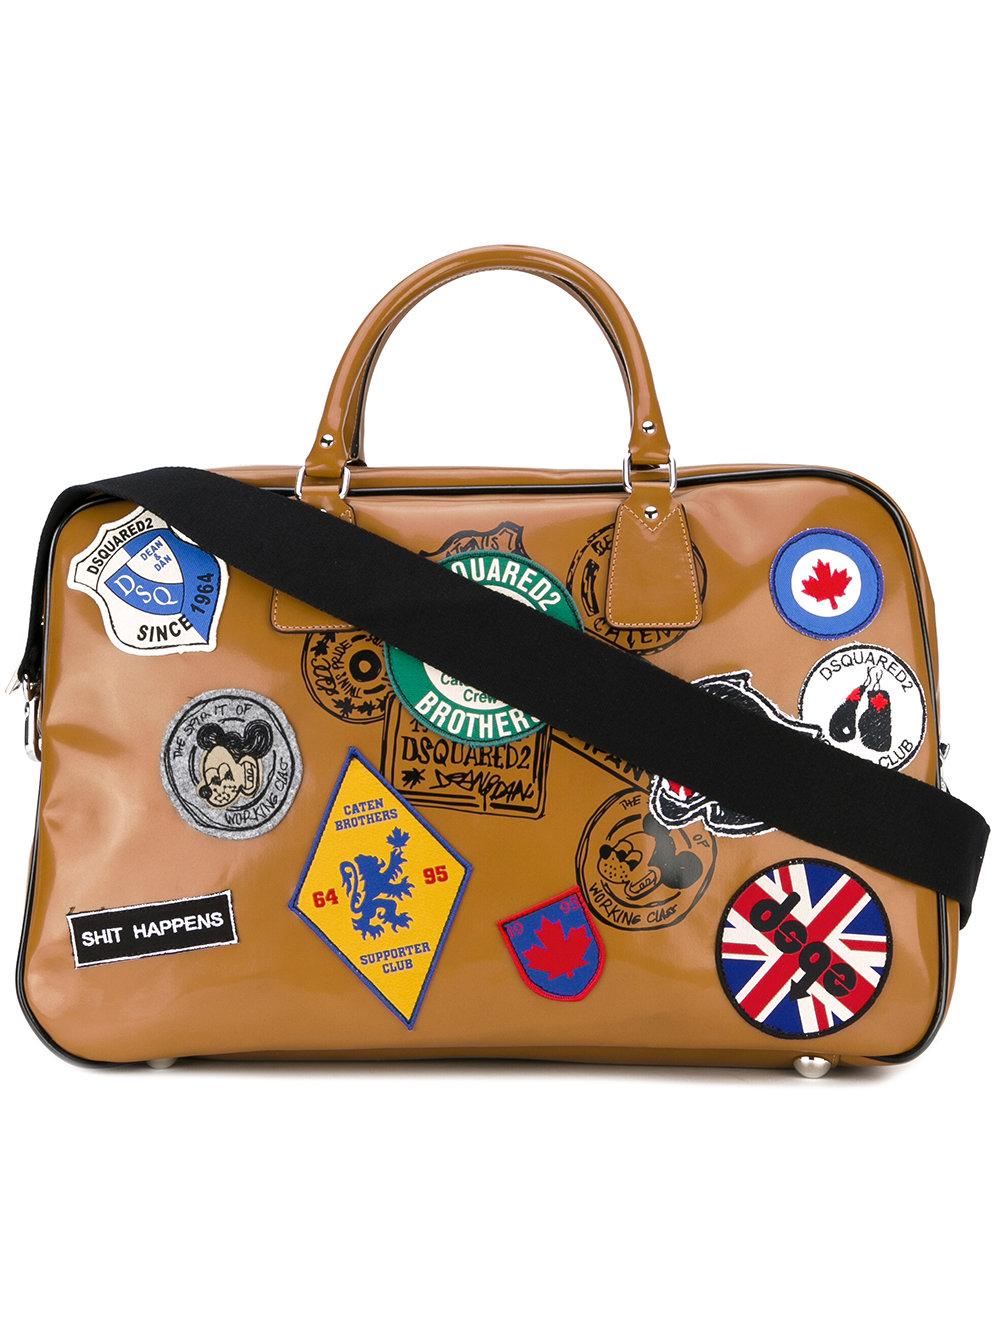 Чанта DSQUARED2; 1 040лв.